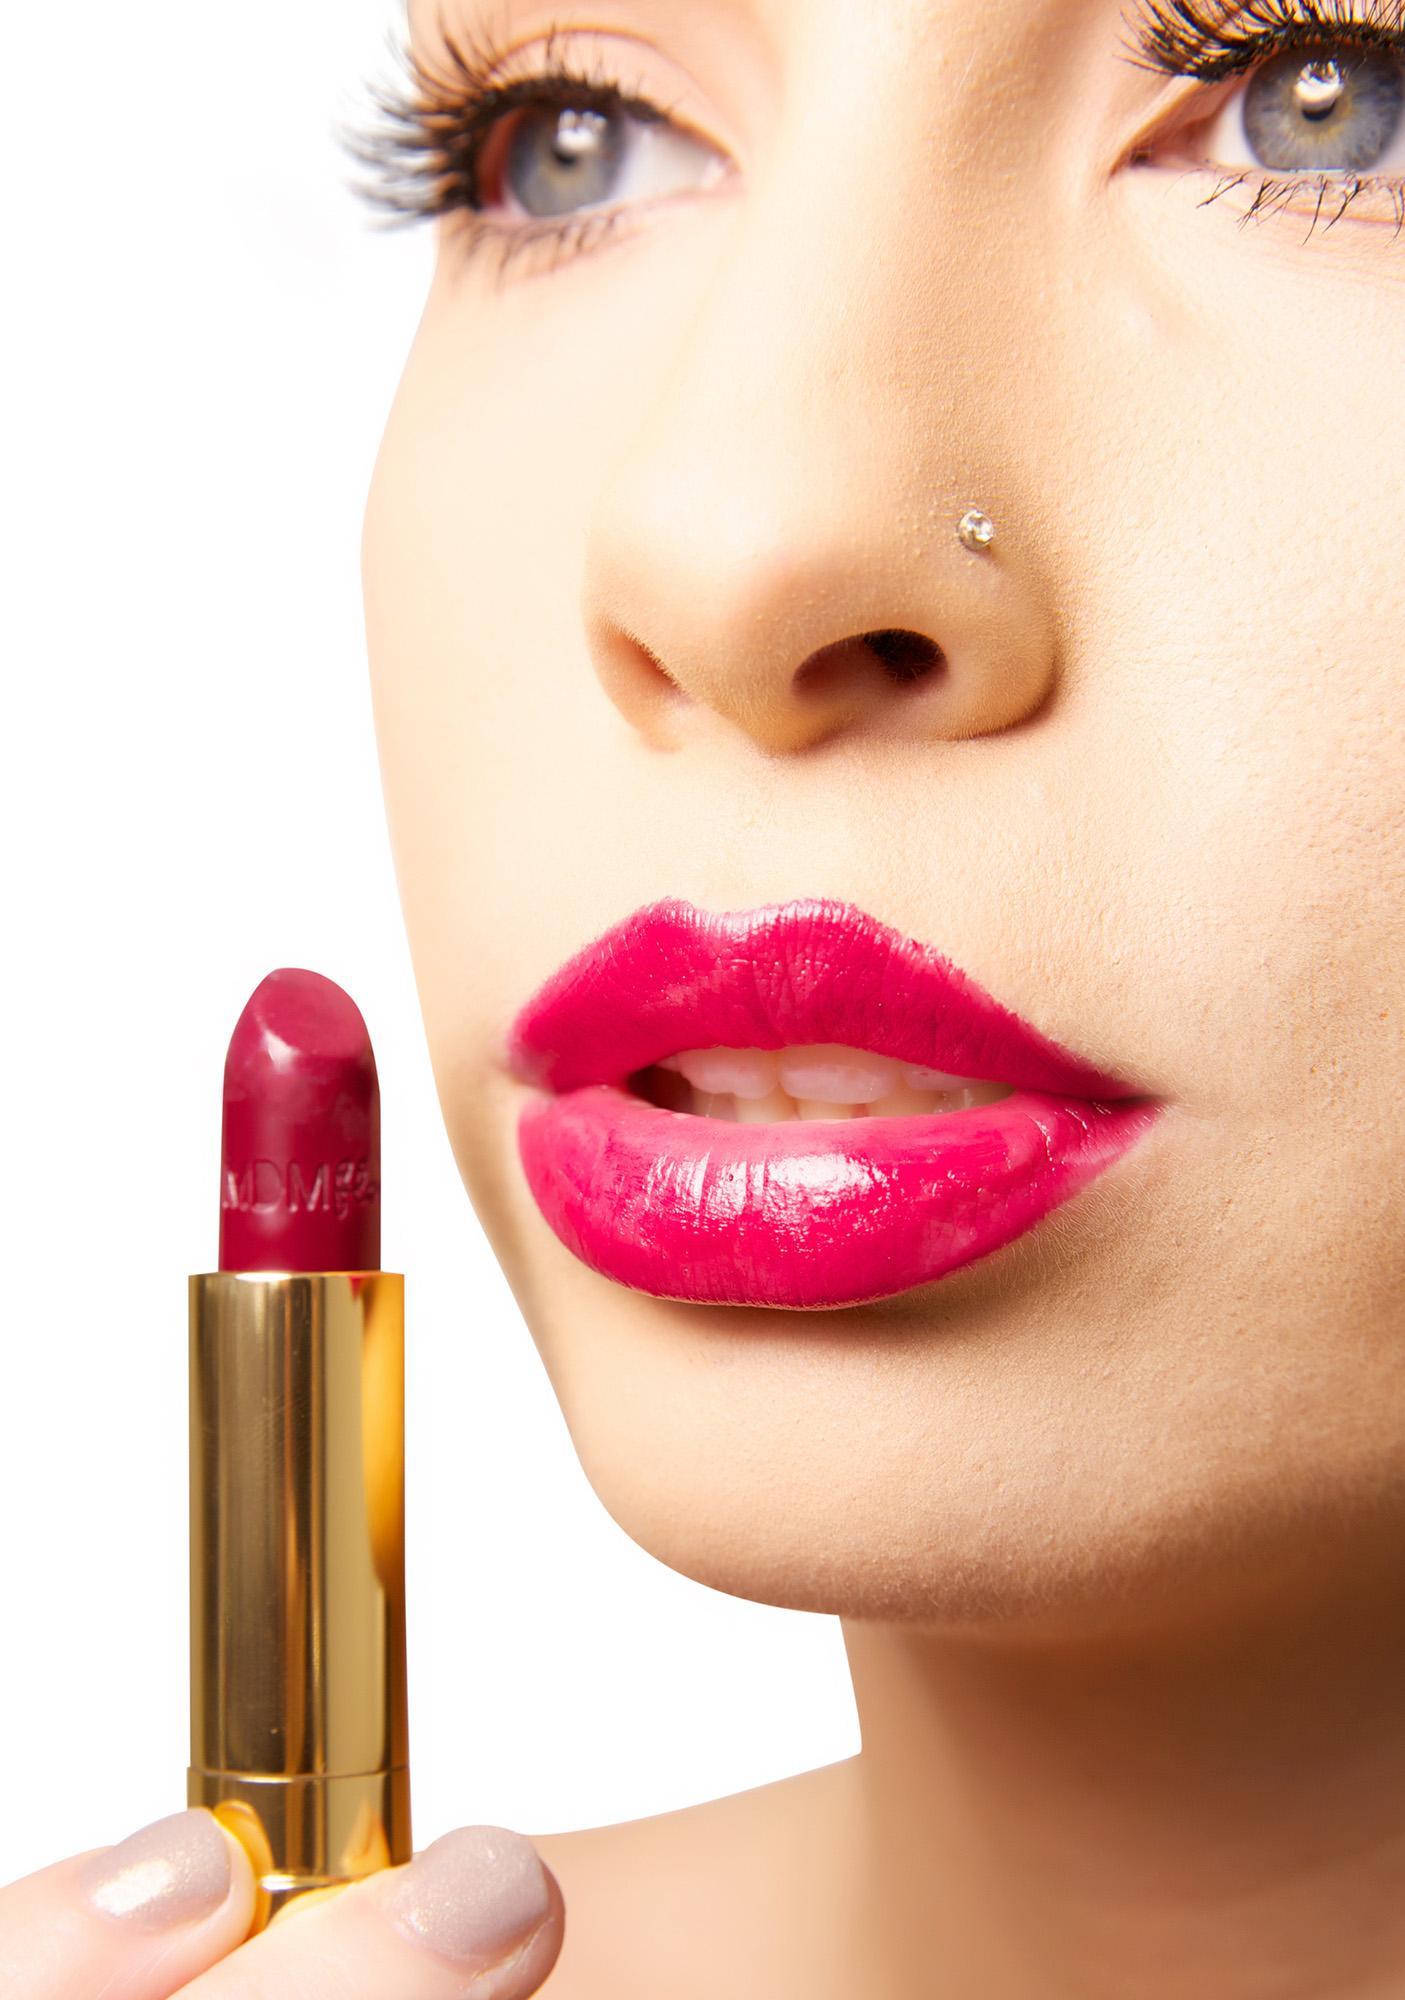 MDMflow Vamp Lipstick